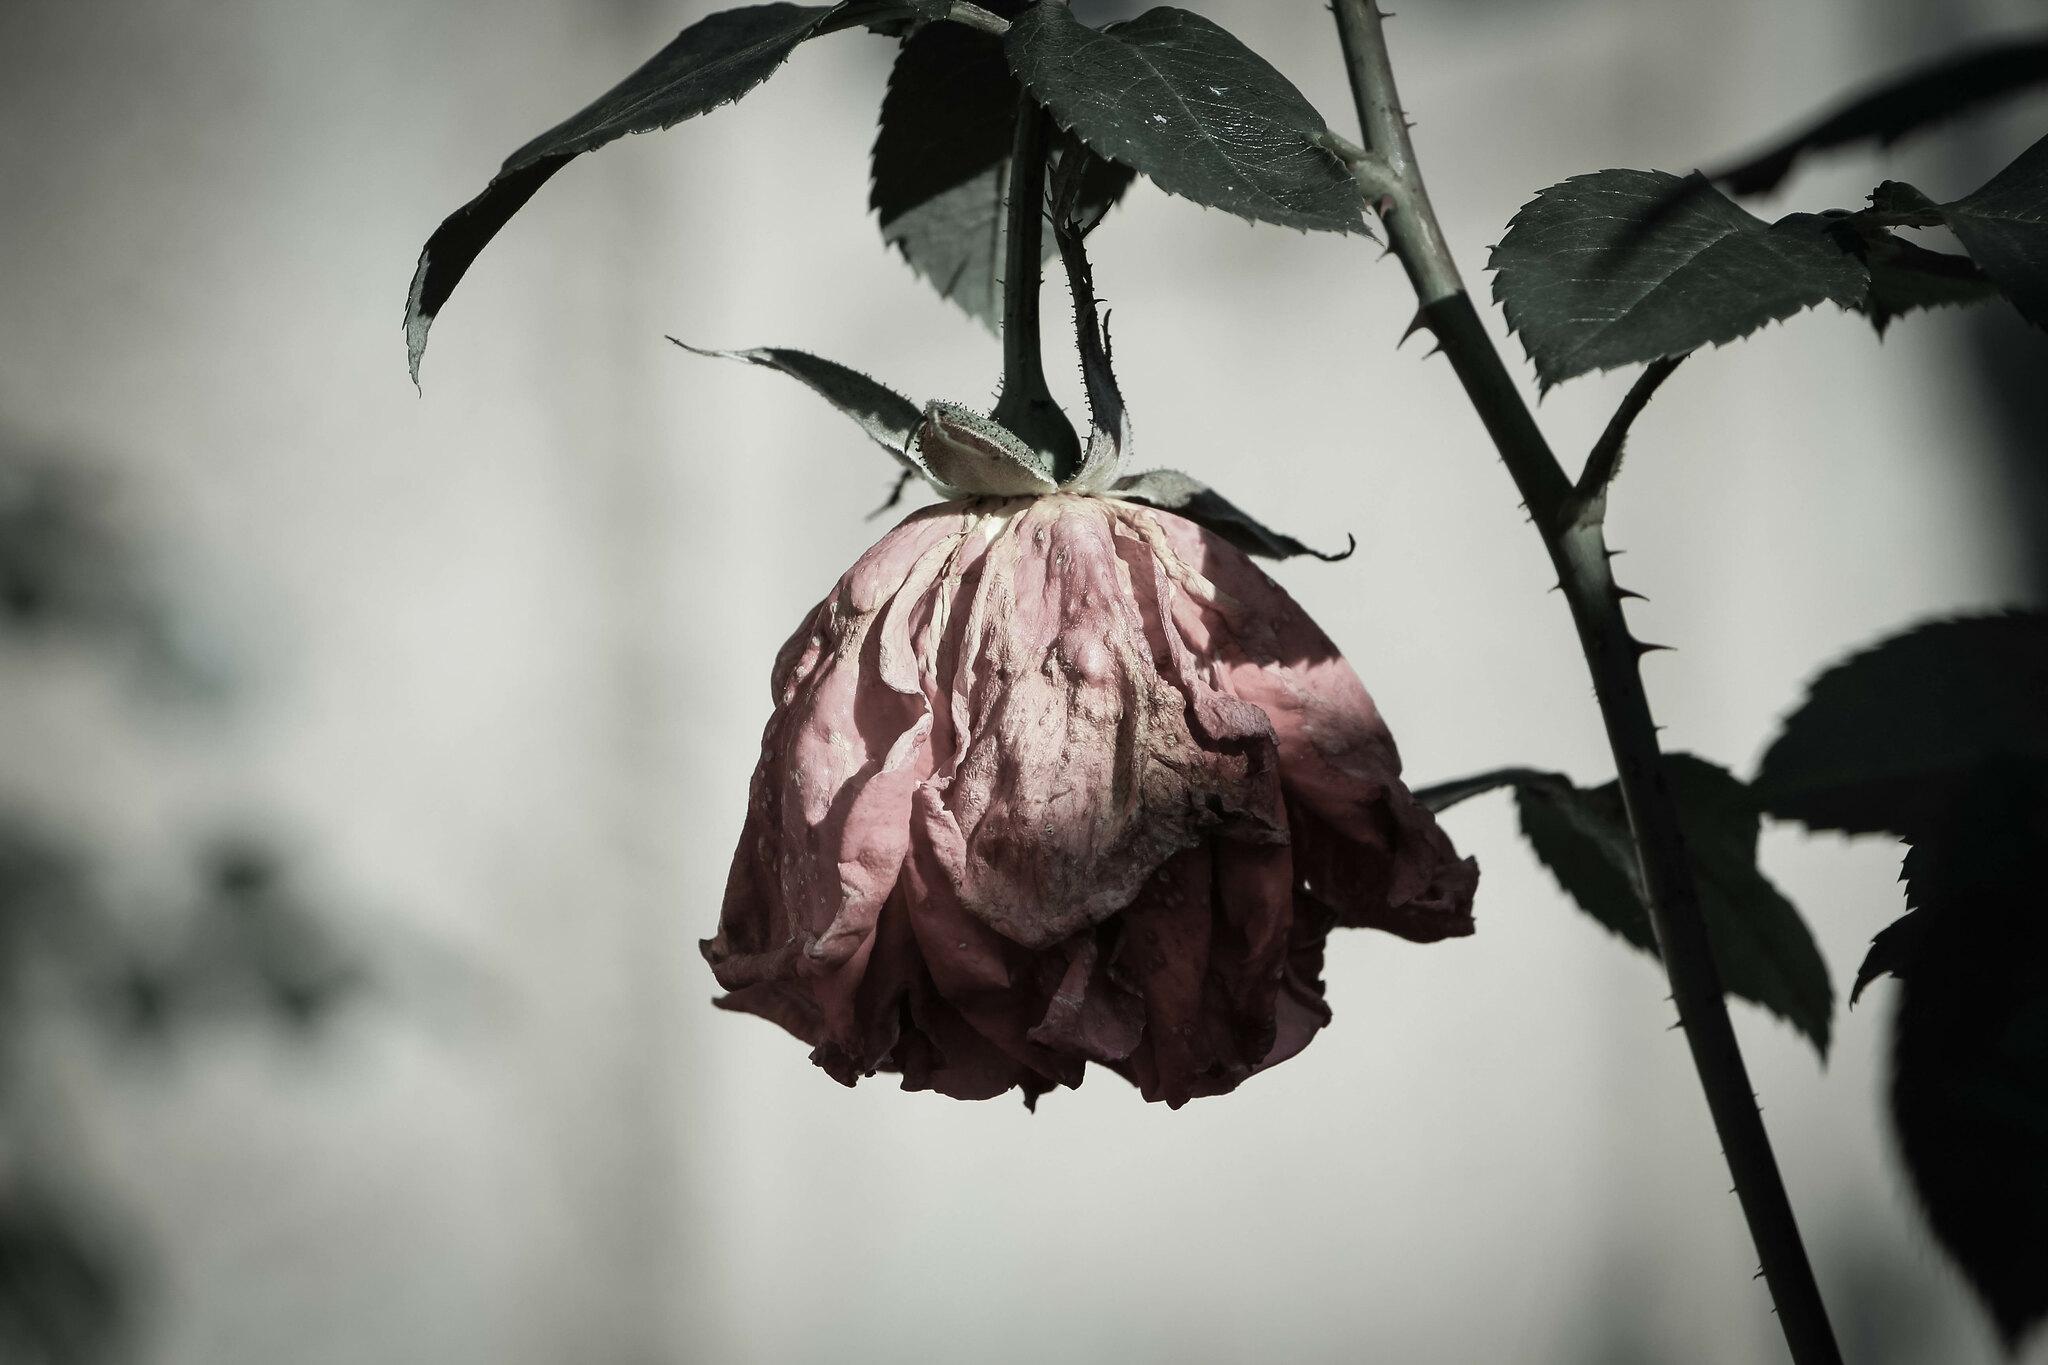 Depressed rose